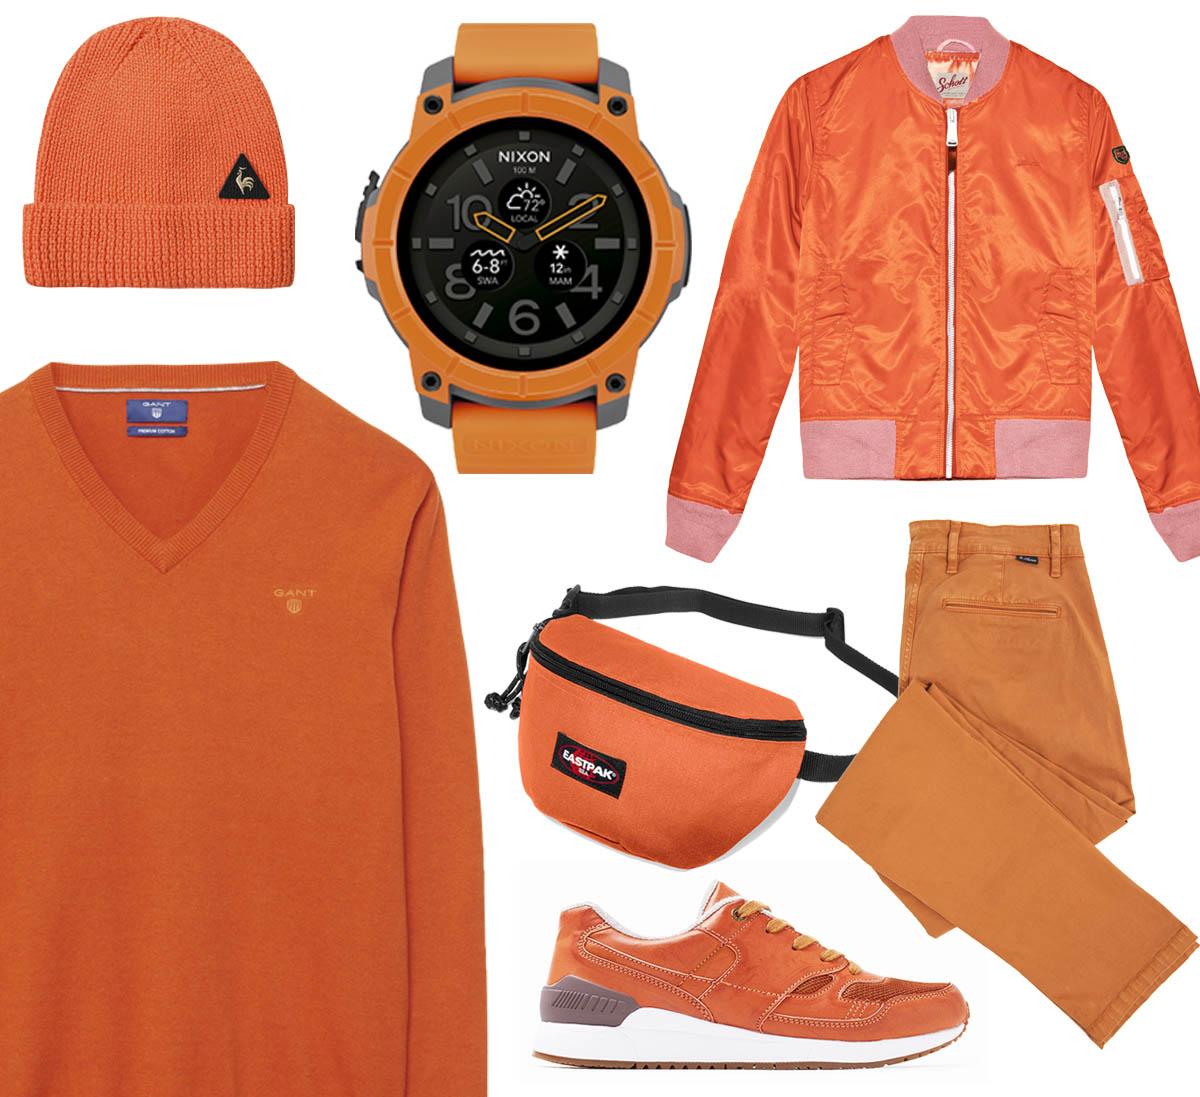 tetu-mode-orange-coq-sportif-schott-esprit-eastpak-nixon